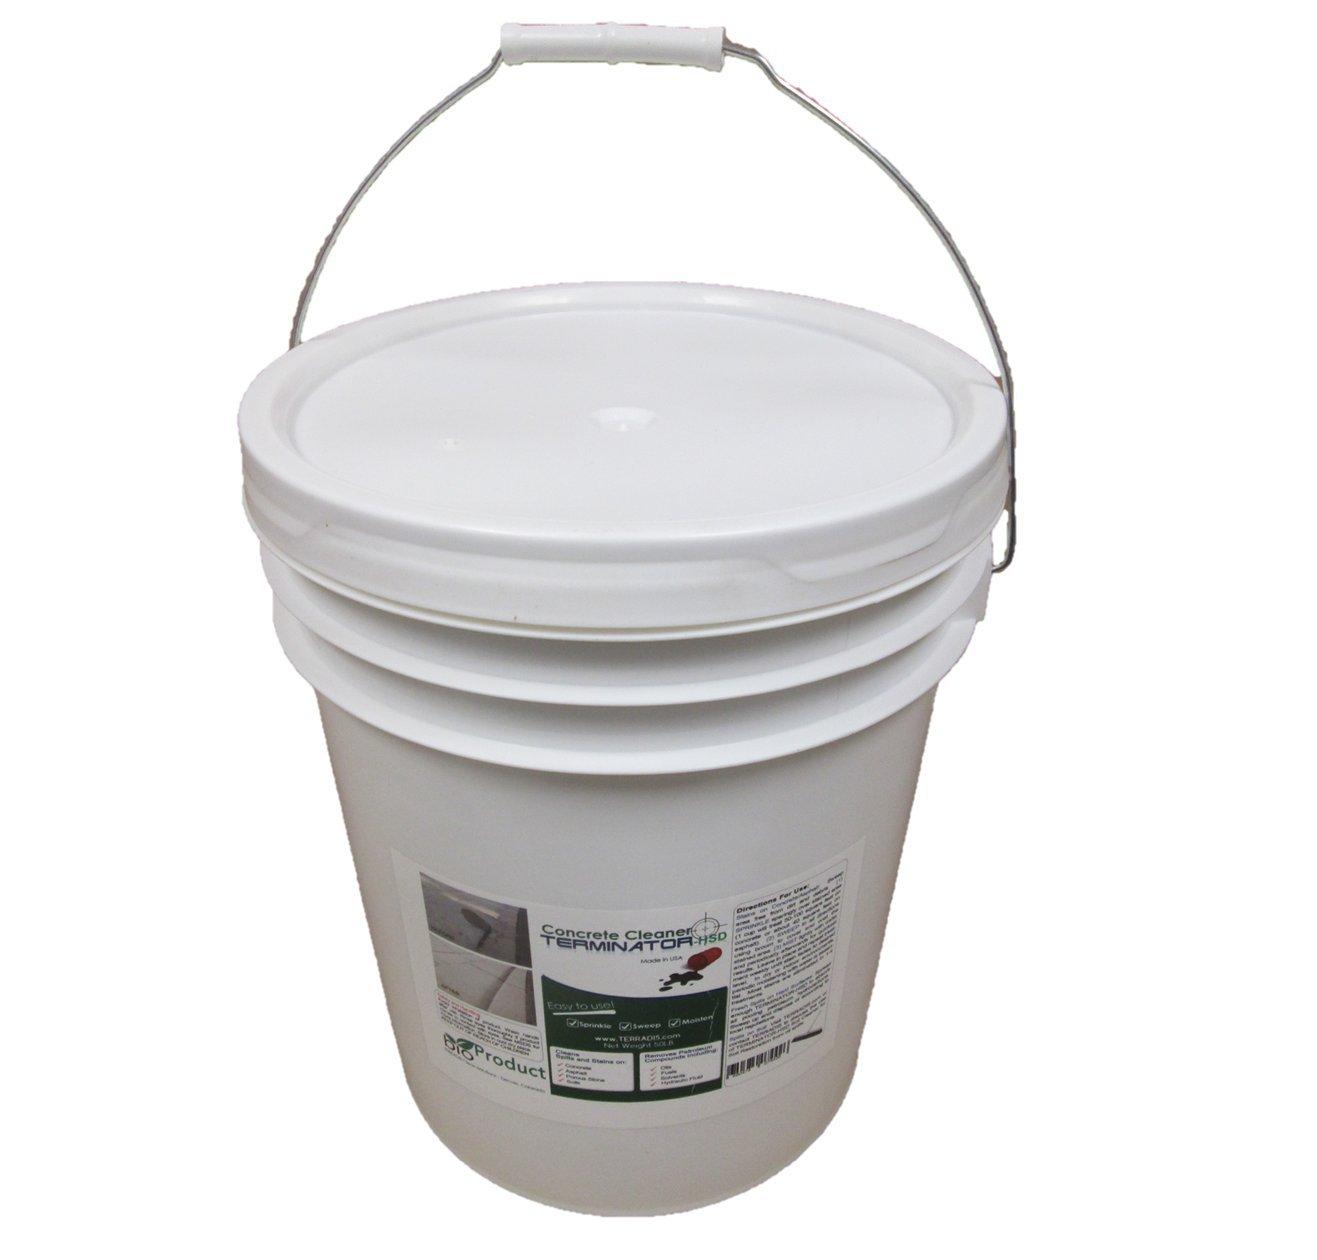 Terminator-HSD 50lb Concrete & Asphalt Cleaner